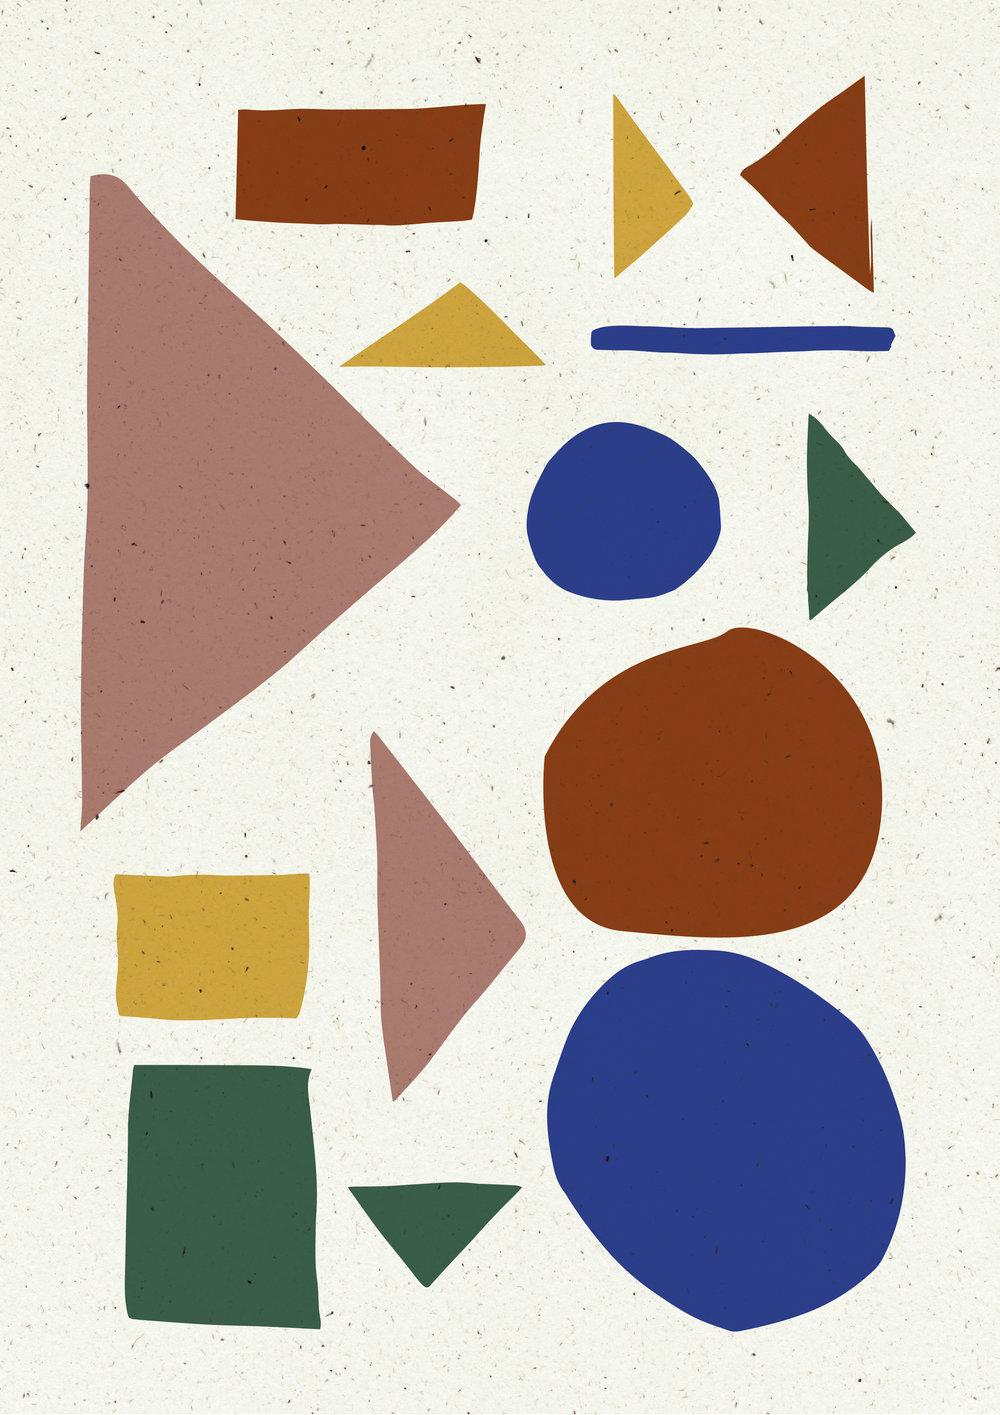 trikotno-04.jpg